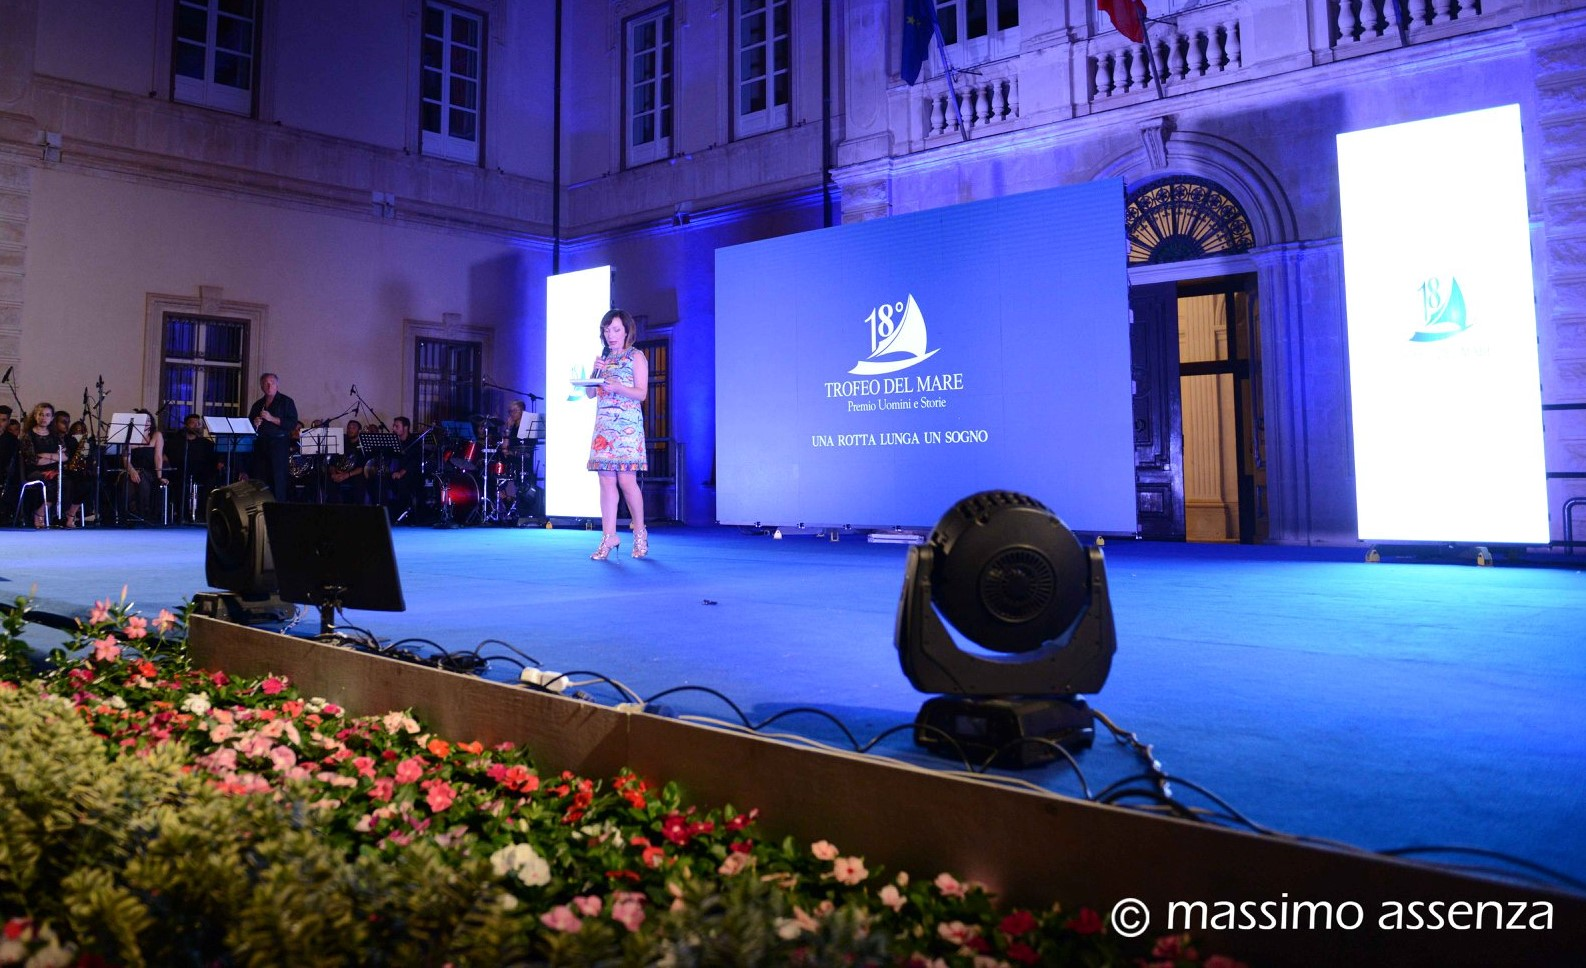 Pozzallo, 19° Trofeo del mare: i nomi del primi sedici selezionali